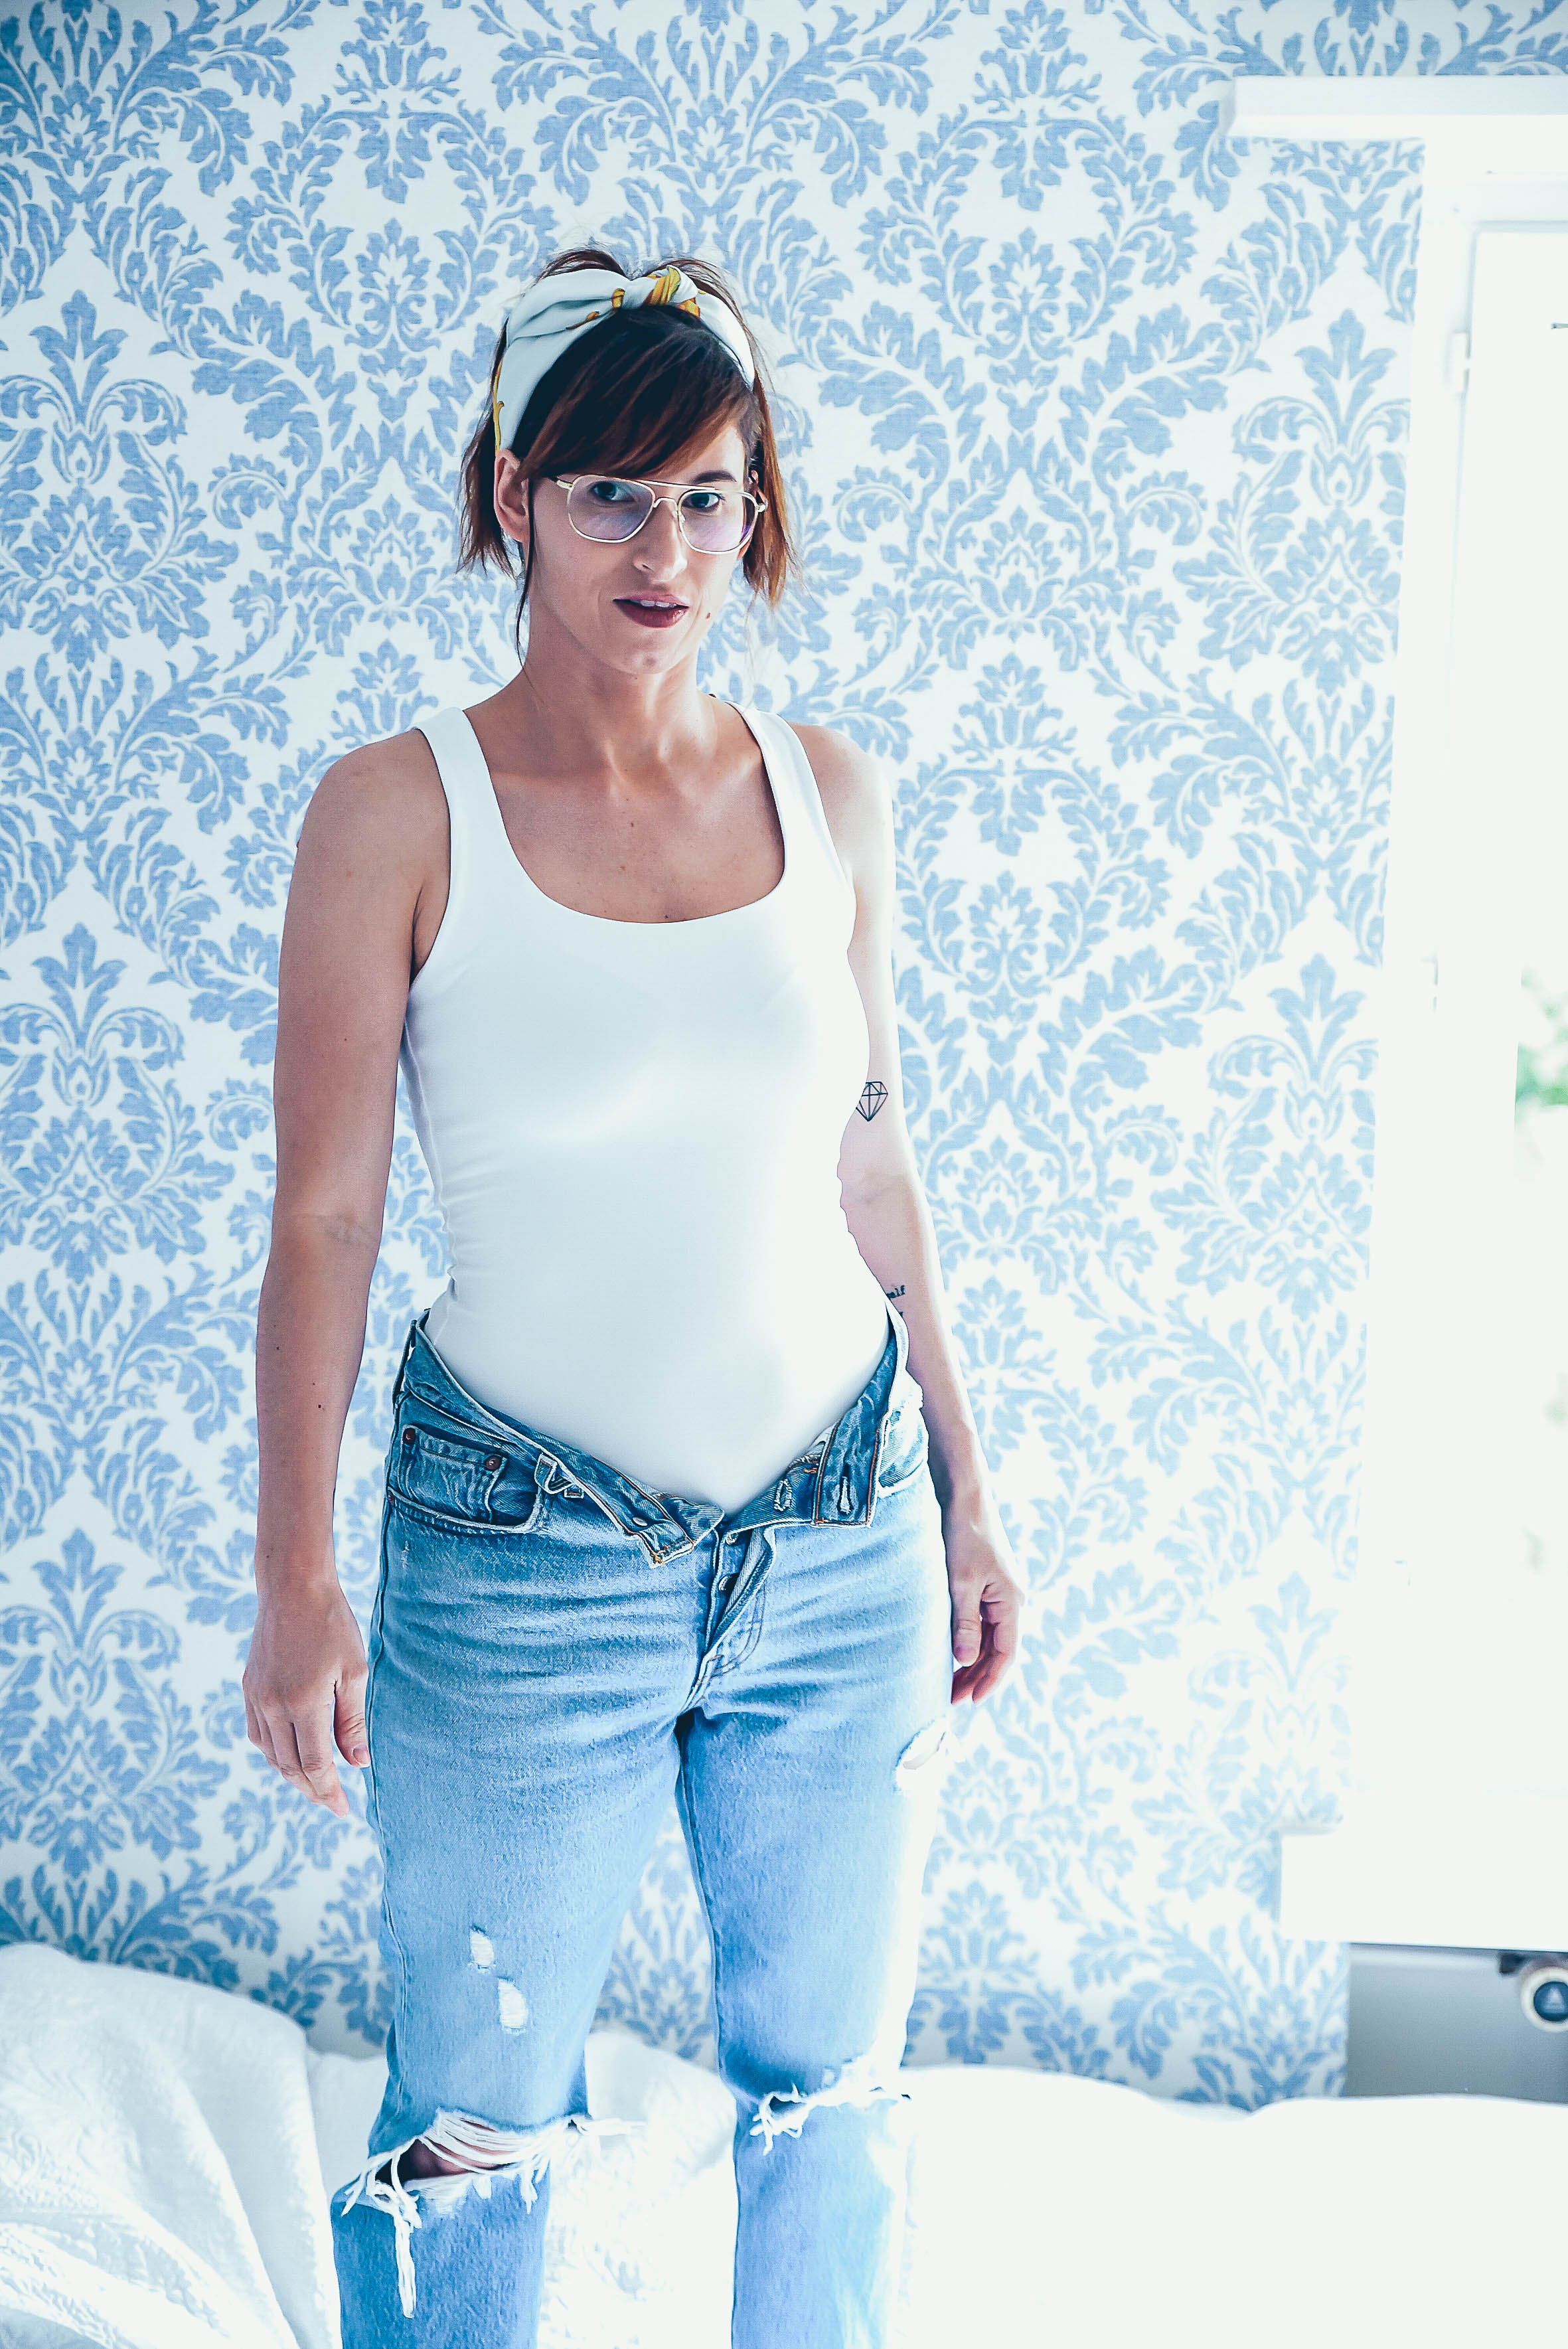 Putzen: Hight-Waist Jeans von Levis, weisses Top von Zara